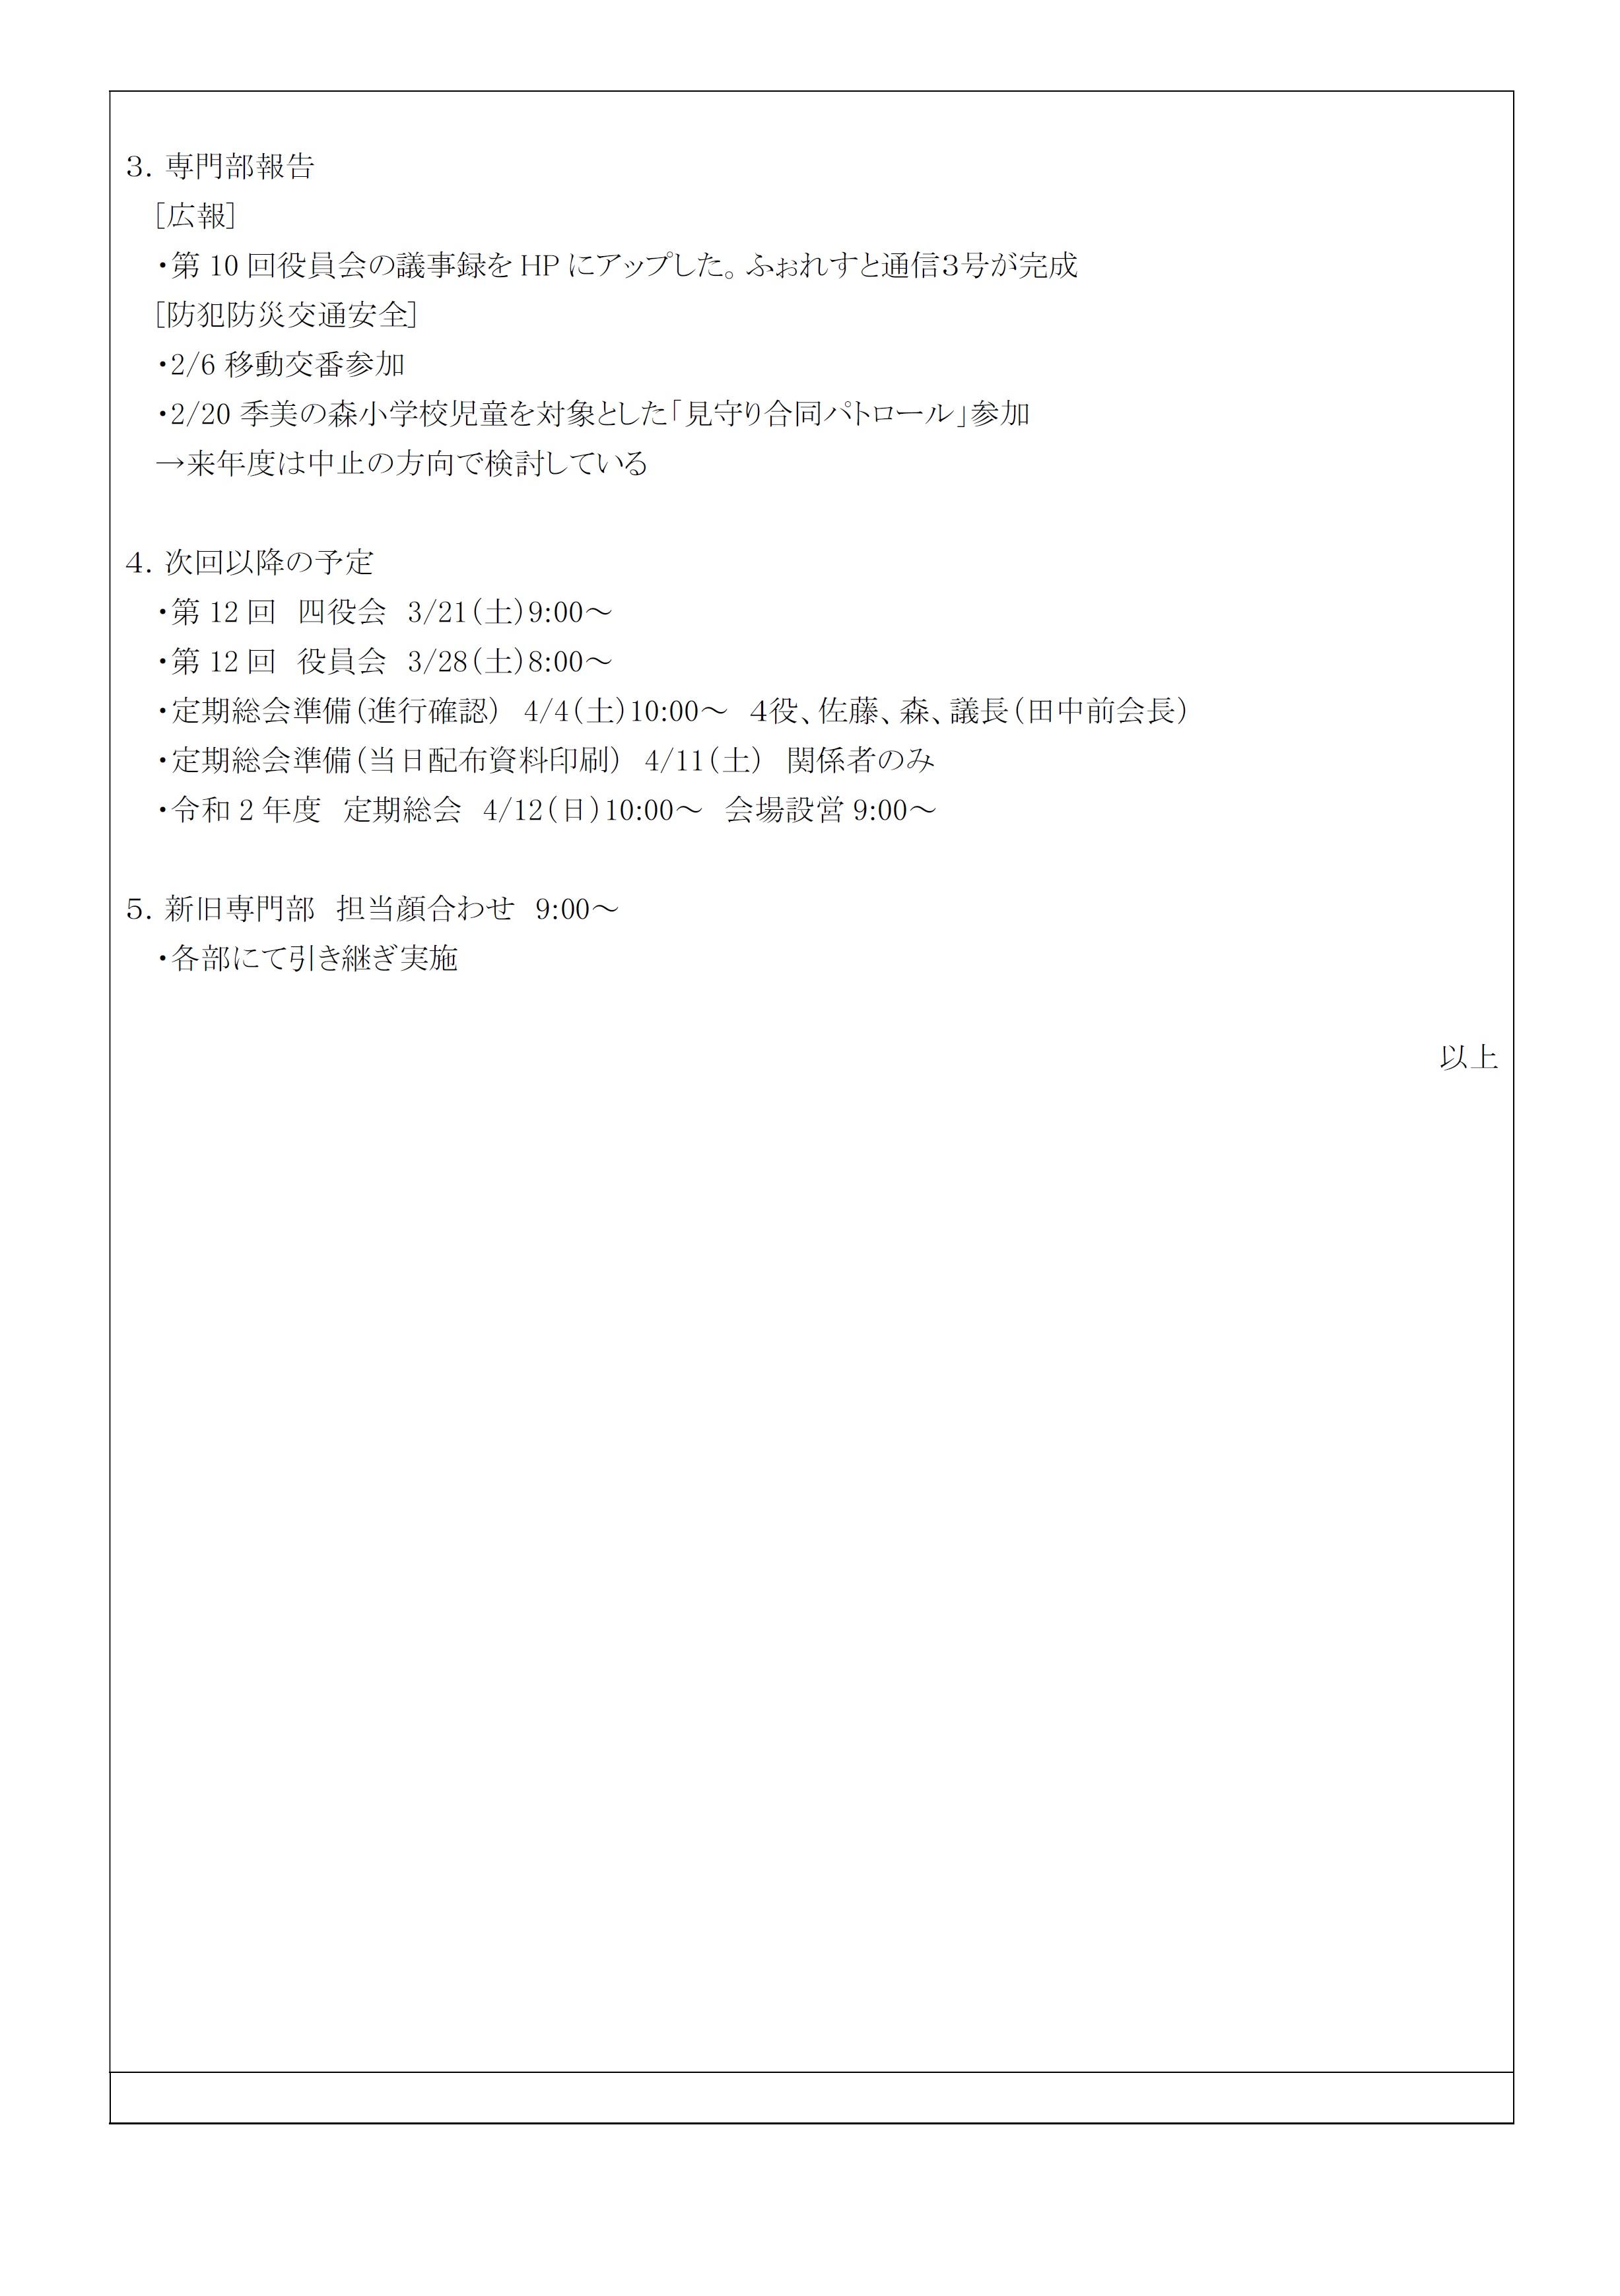 2019第11回役員会議事録P2